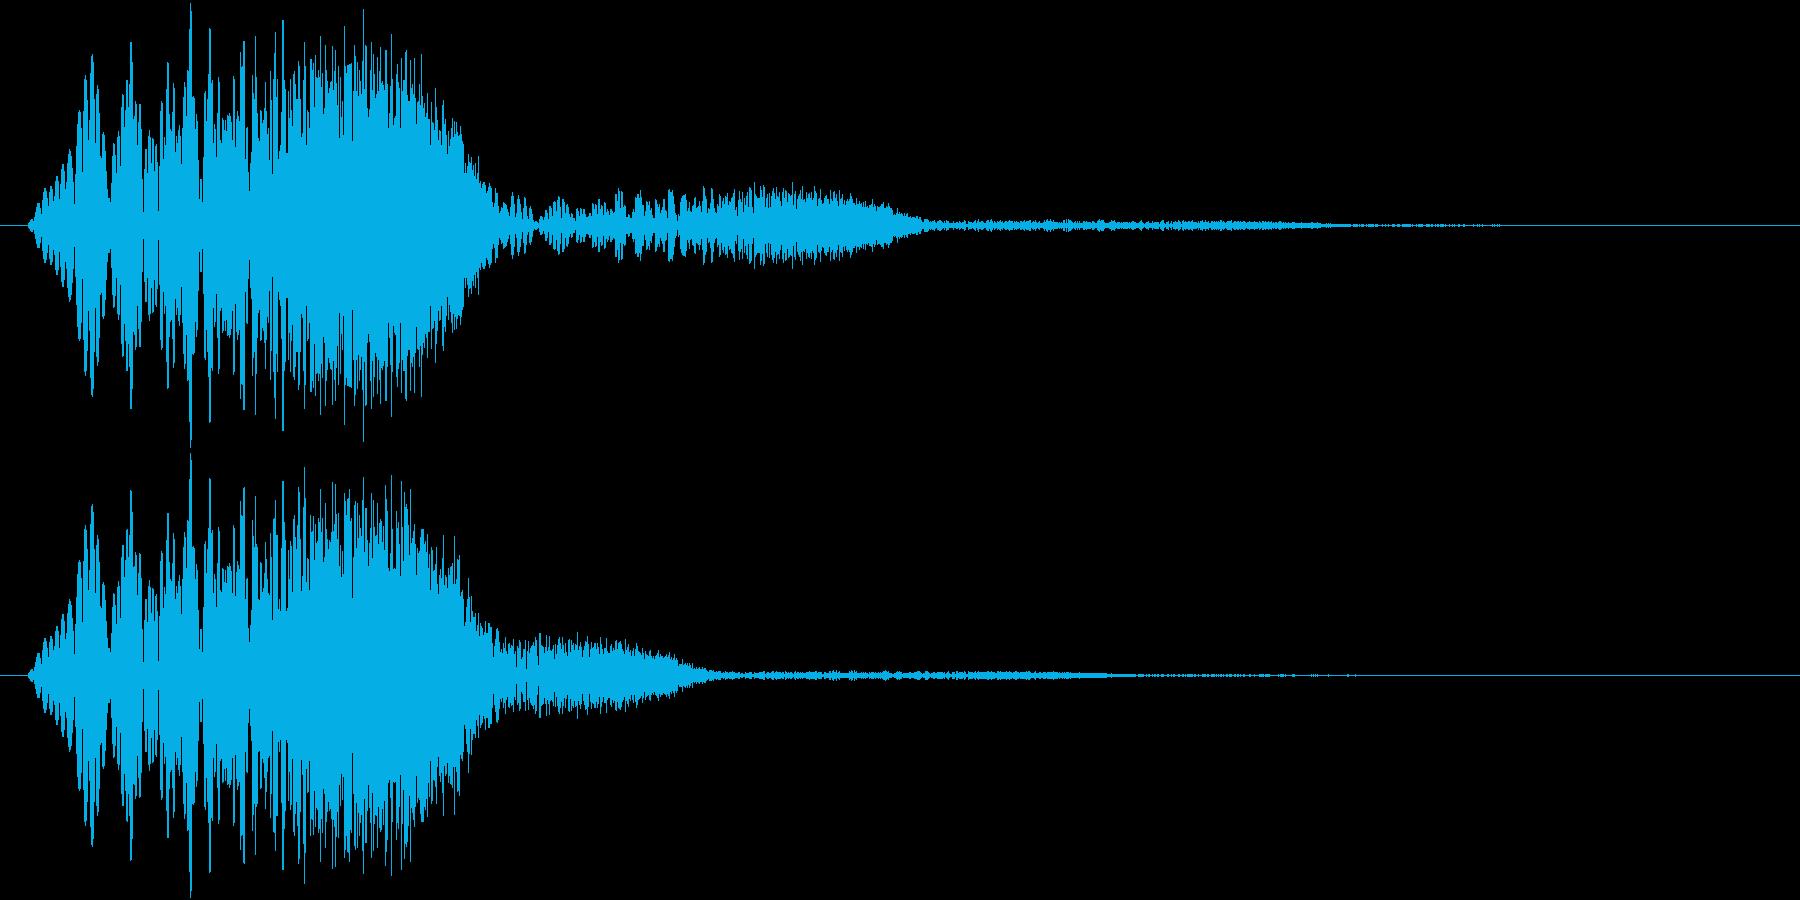 パワーアップ・レベルアップ(ギュイン)の再生済みの波形